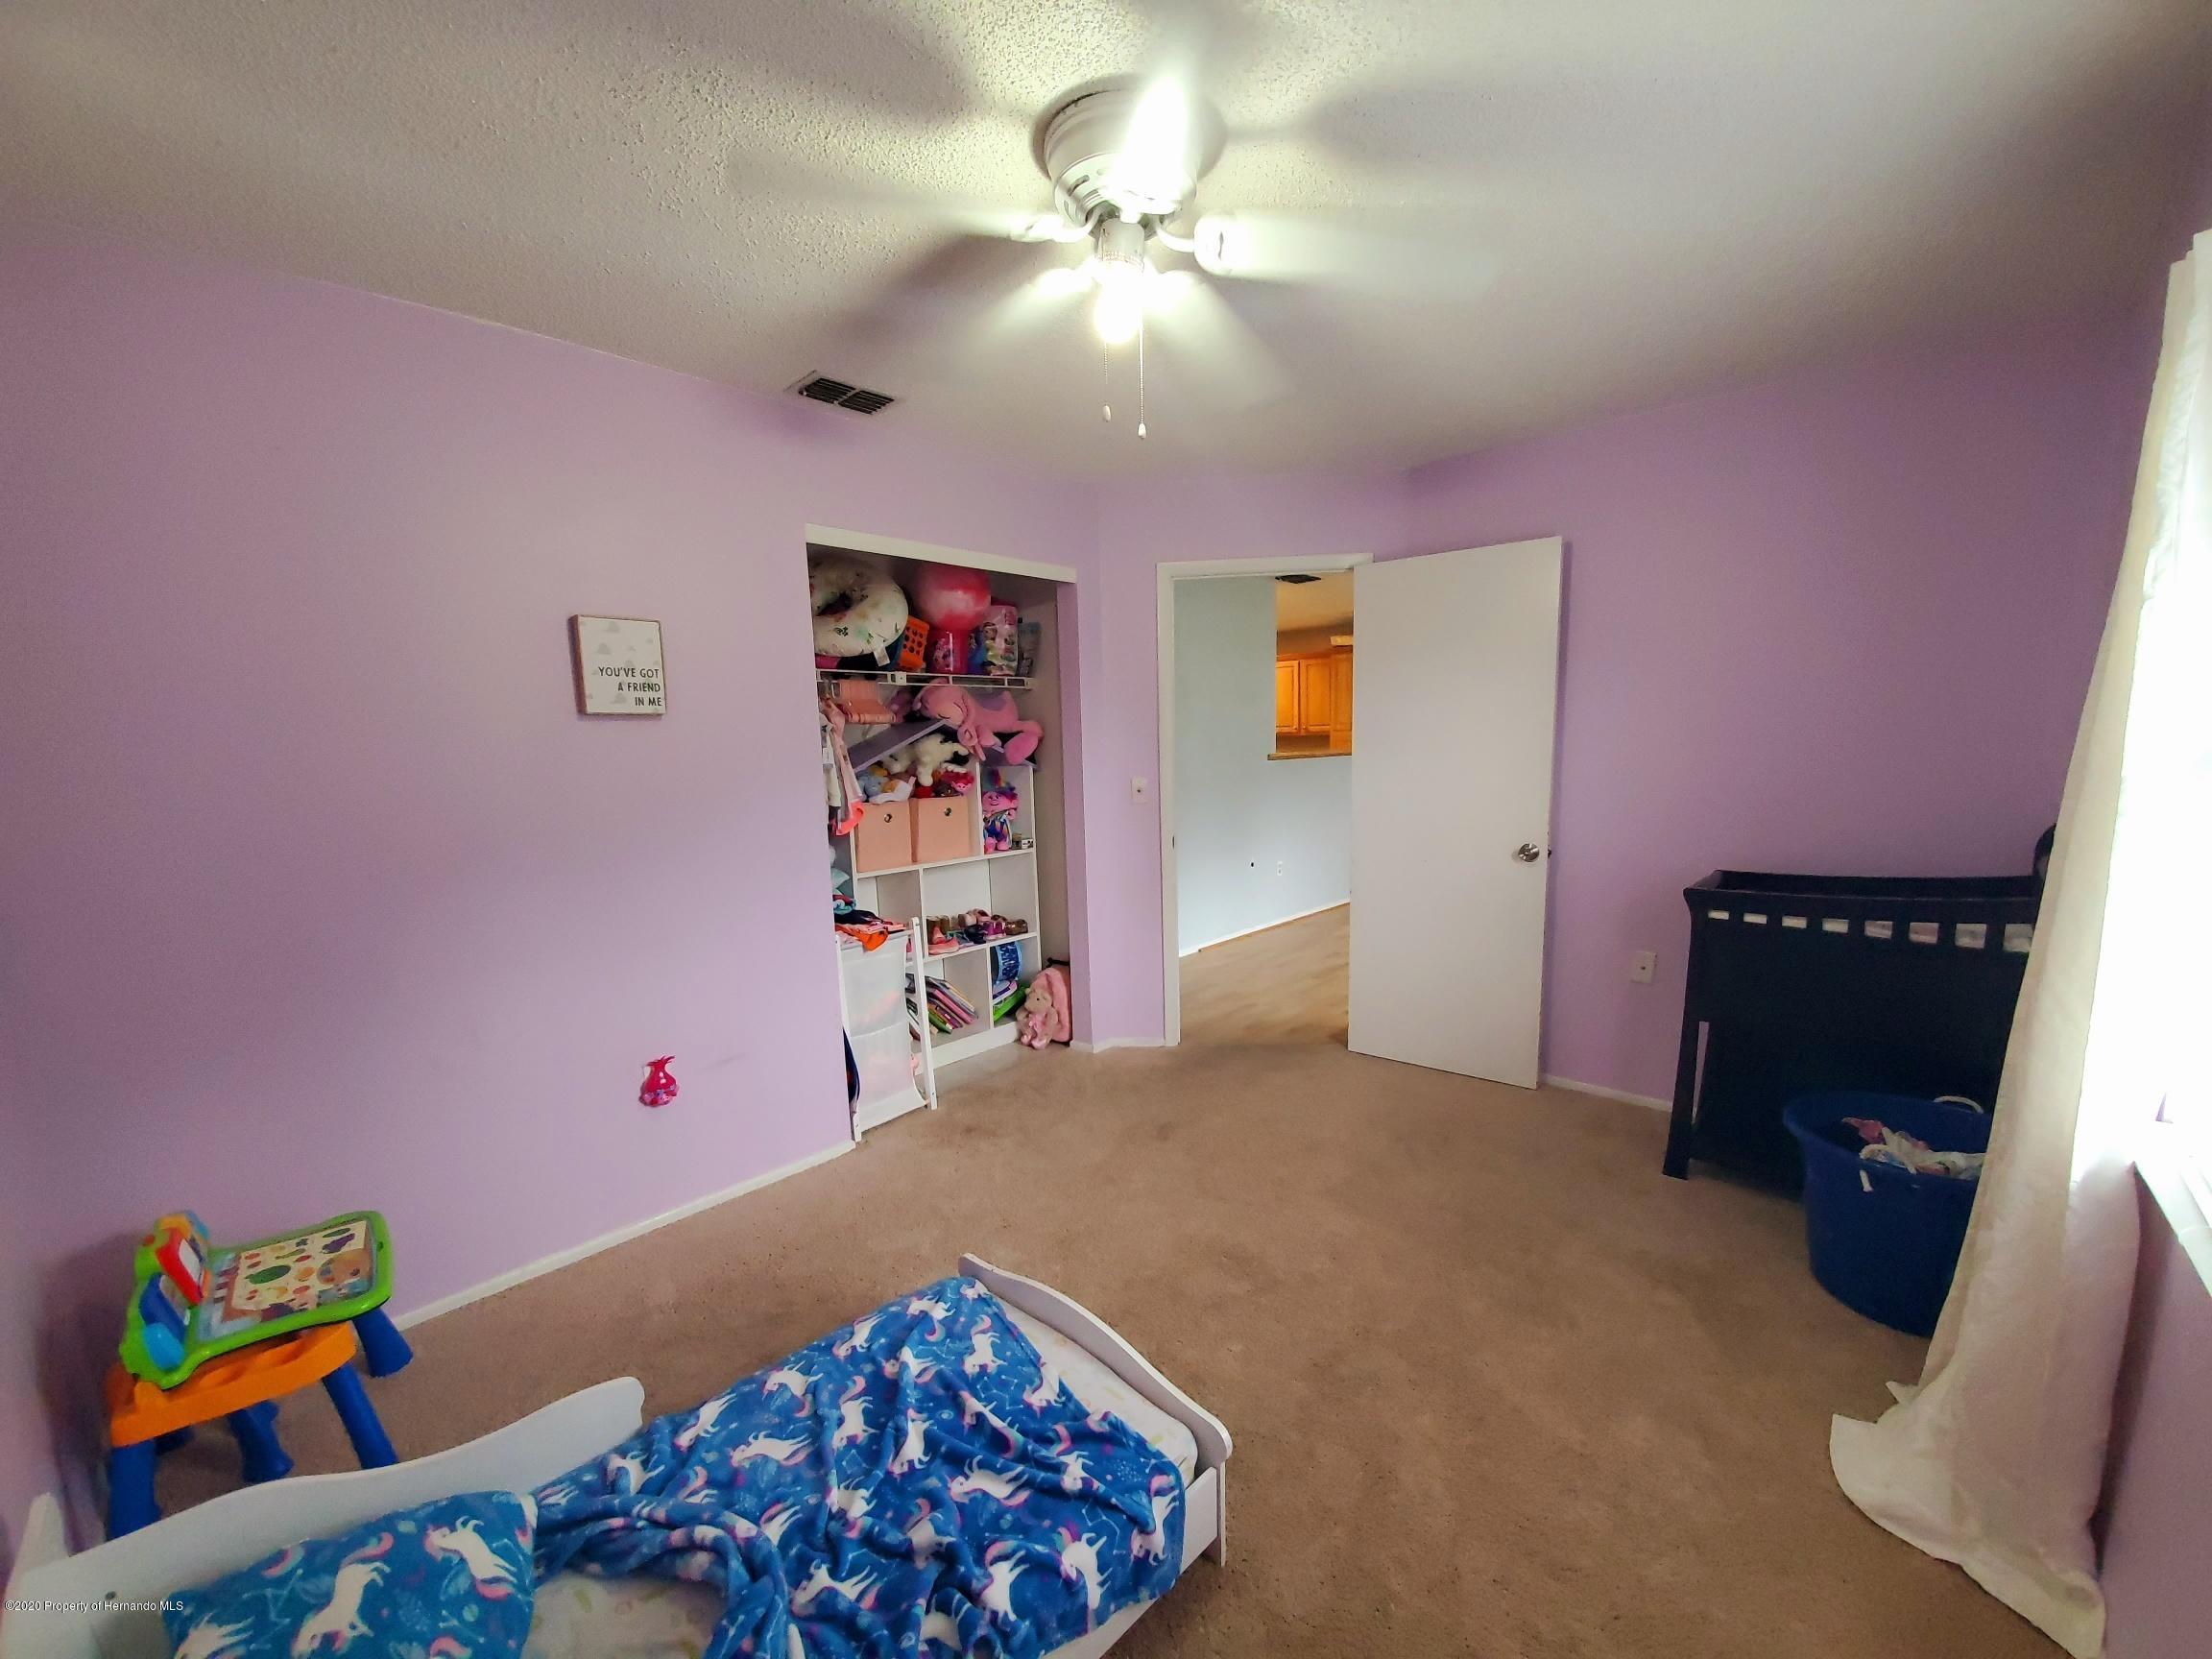 Image 7 For 4151 Dristol Avenue